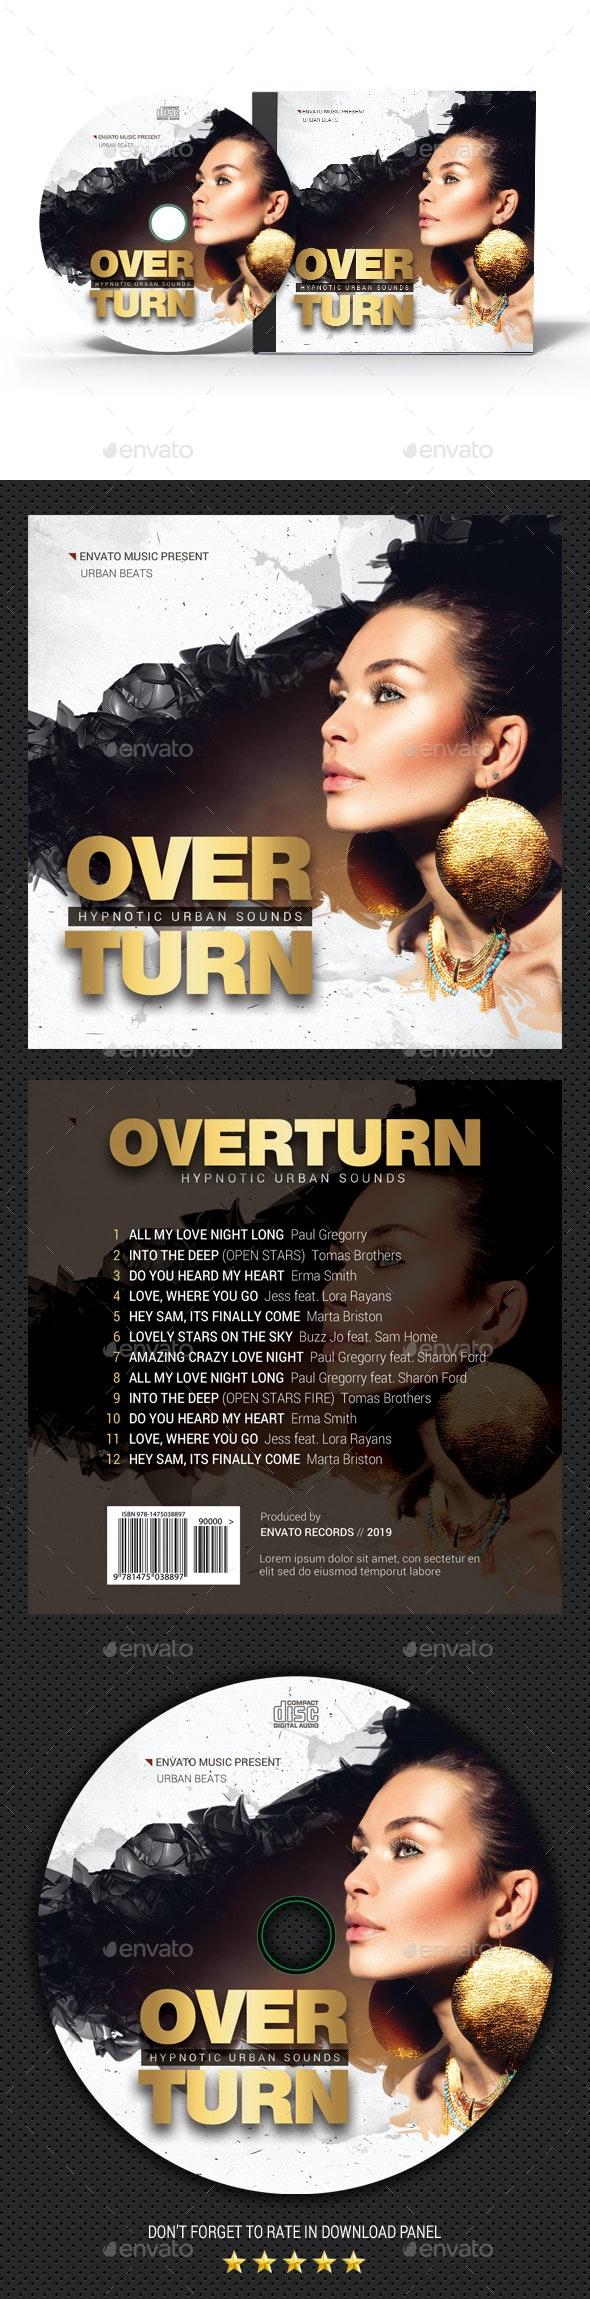 Overturn CD Cover V2 - CD & DVD Artwork Print Templates